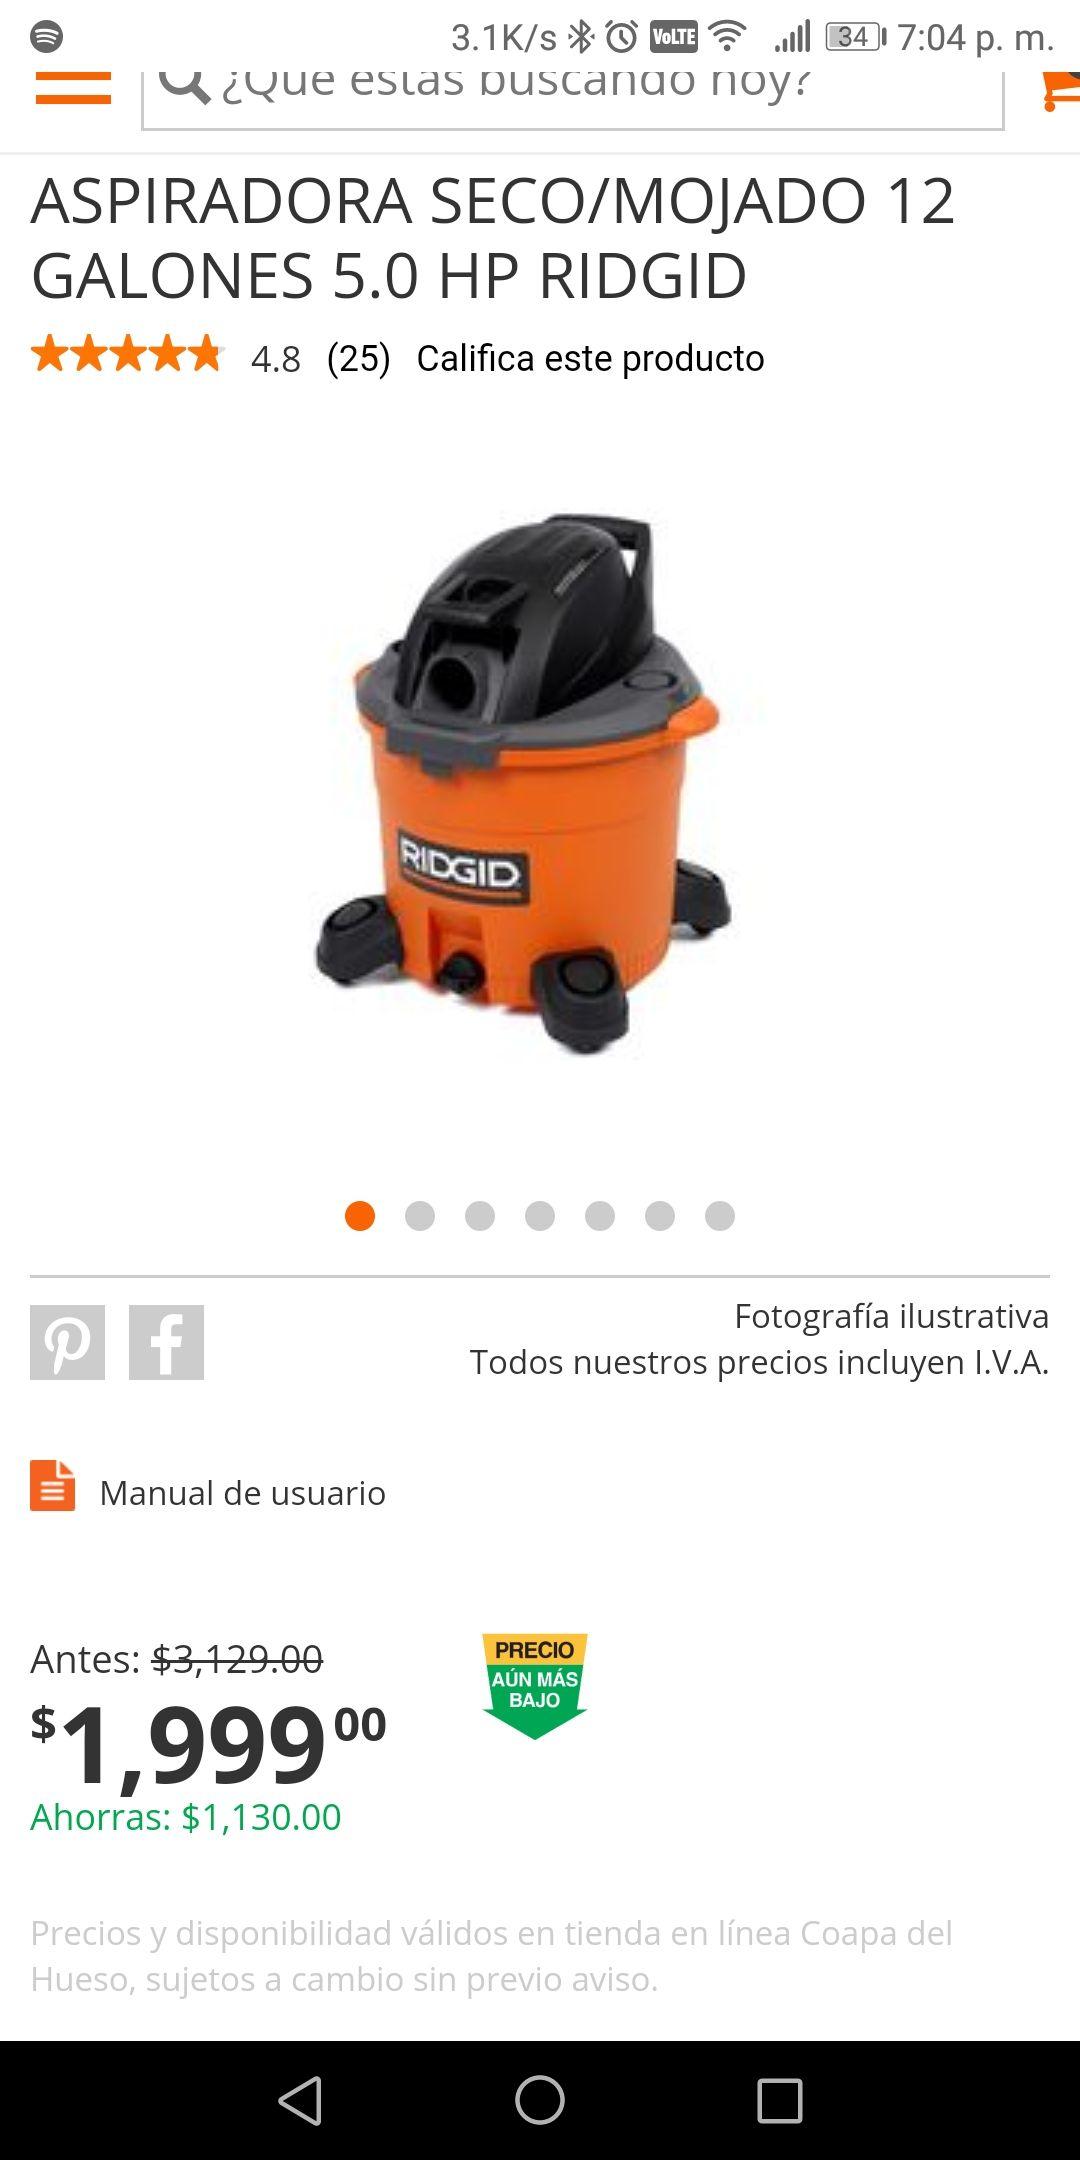 Home Depot: Aspiradora Mojado/Seco RIDGID 12Galones antes $3129